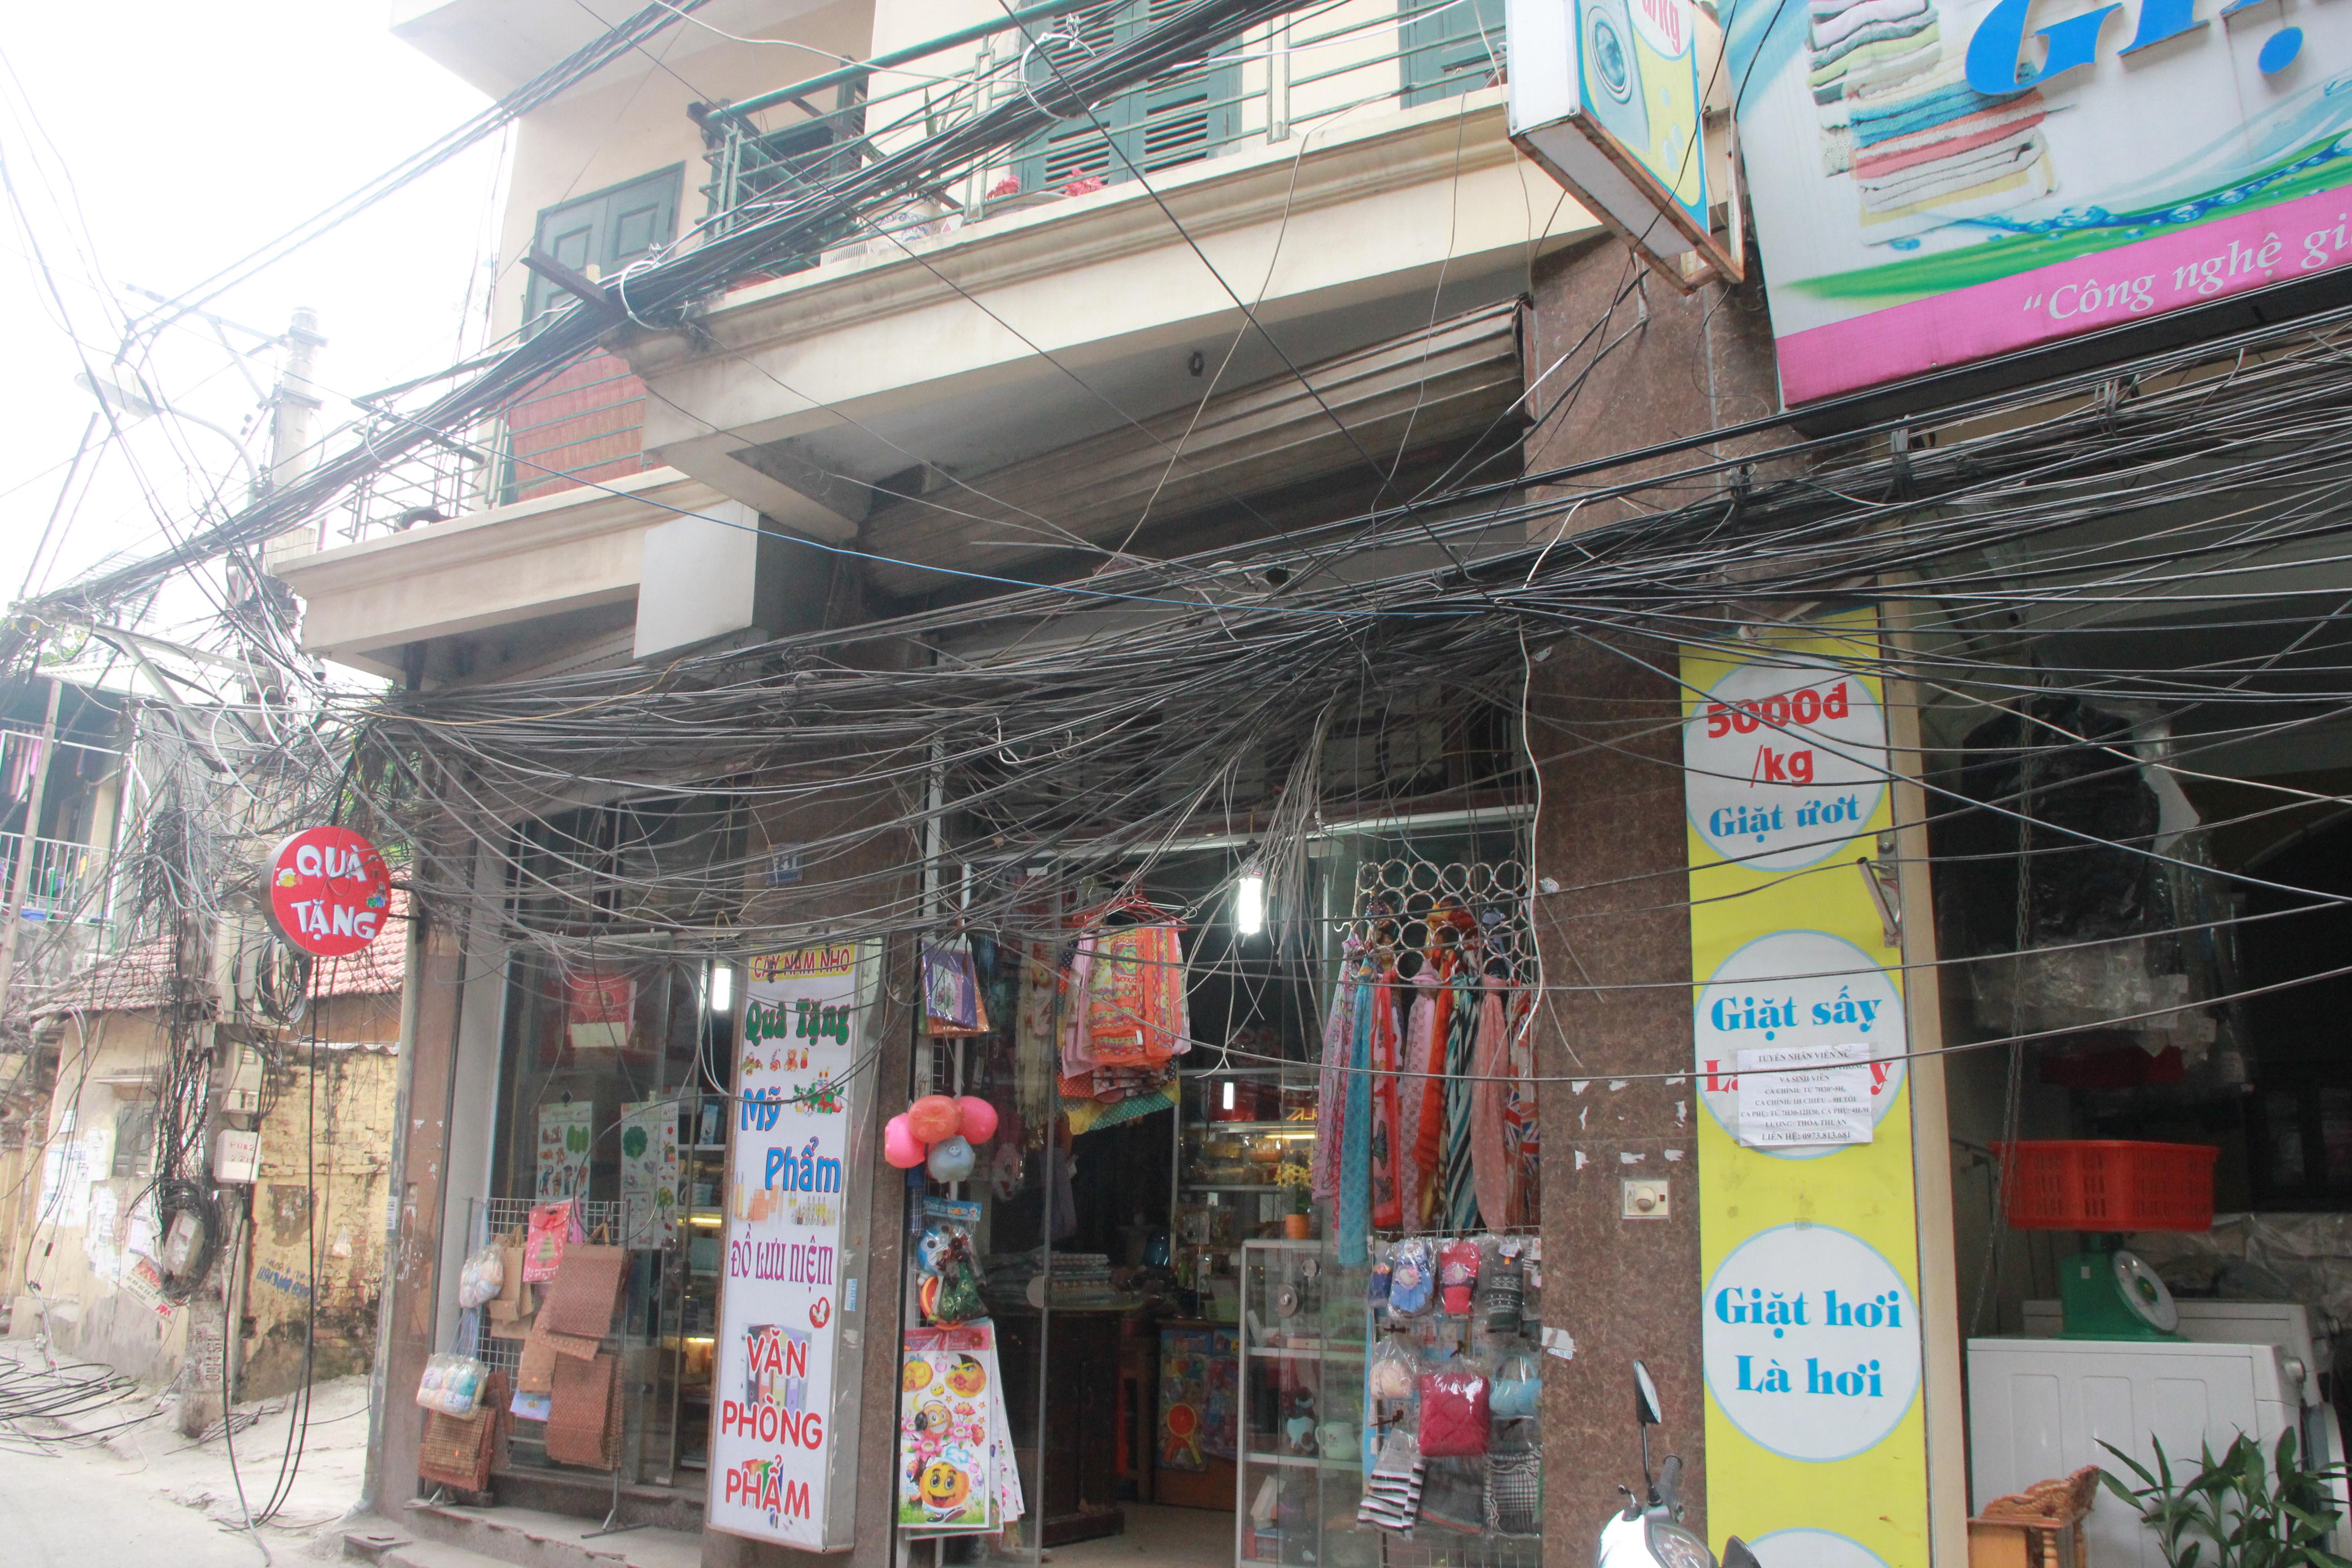 Hình ảnh Cận cảnh dọn ổ mạng nhện khổng lồ ở Hà Nội số 11